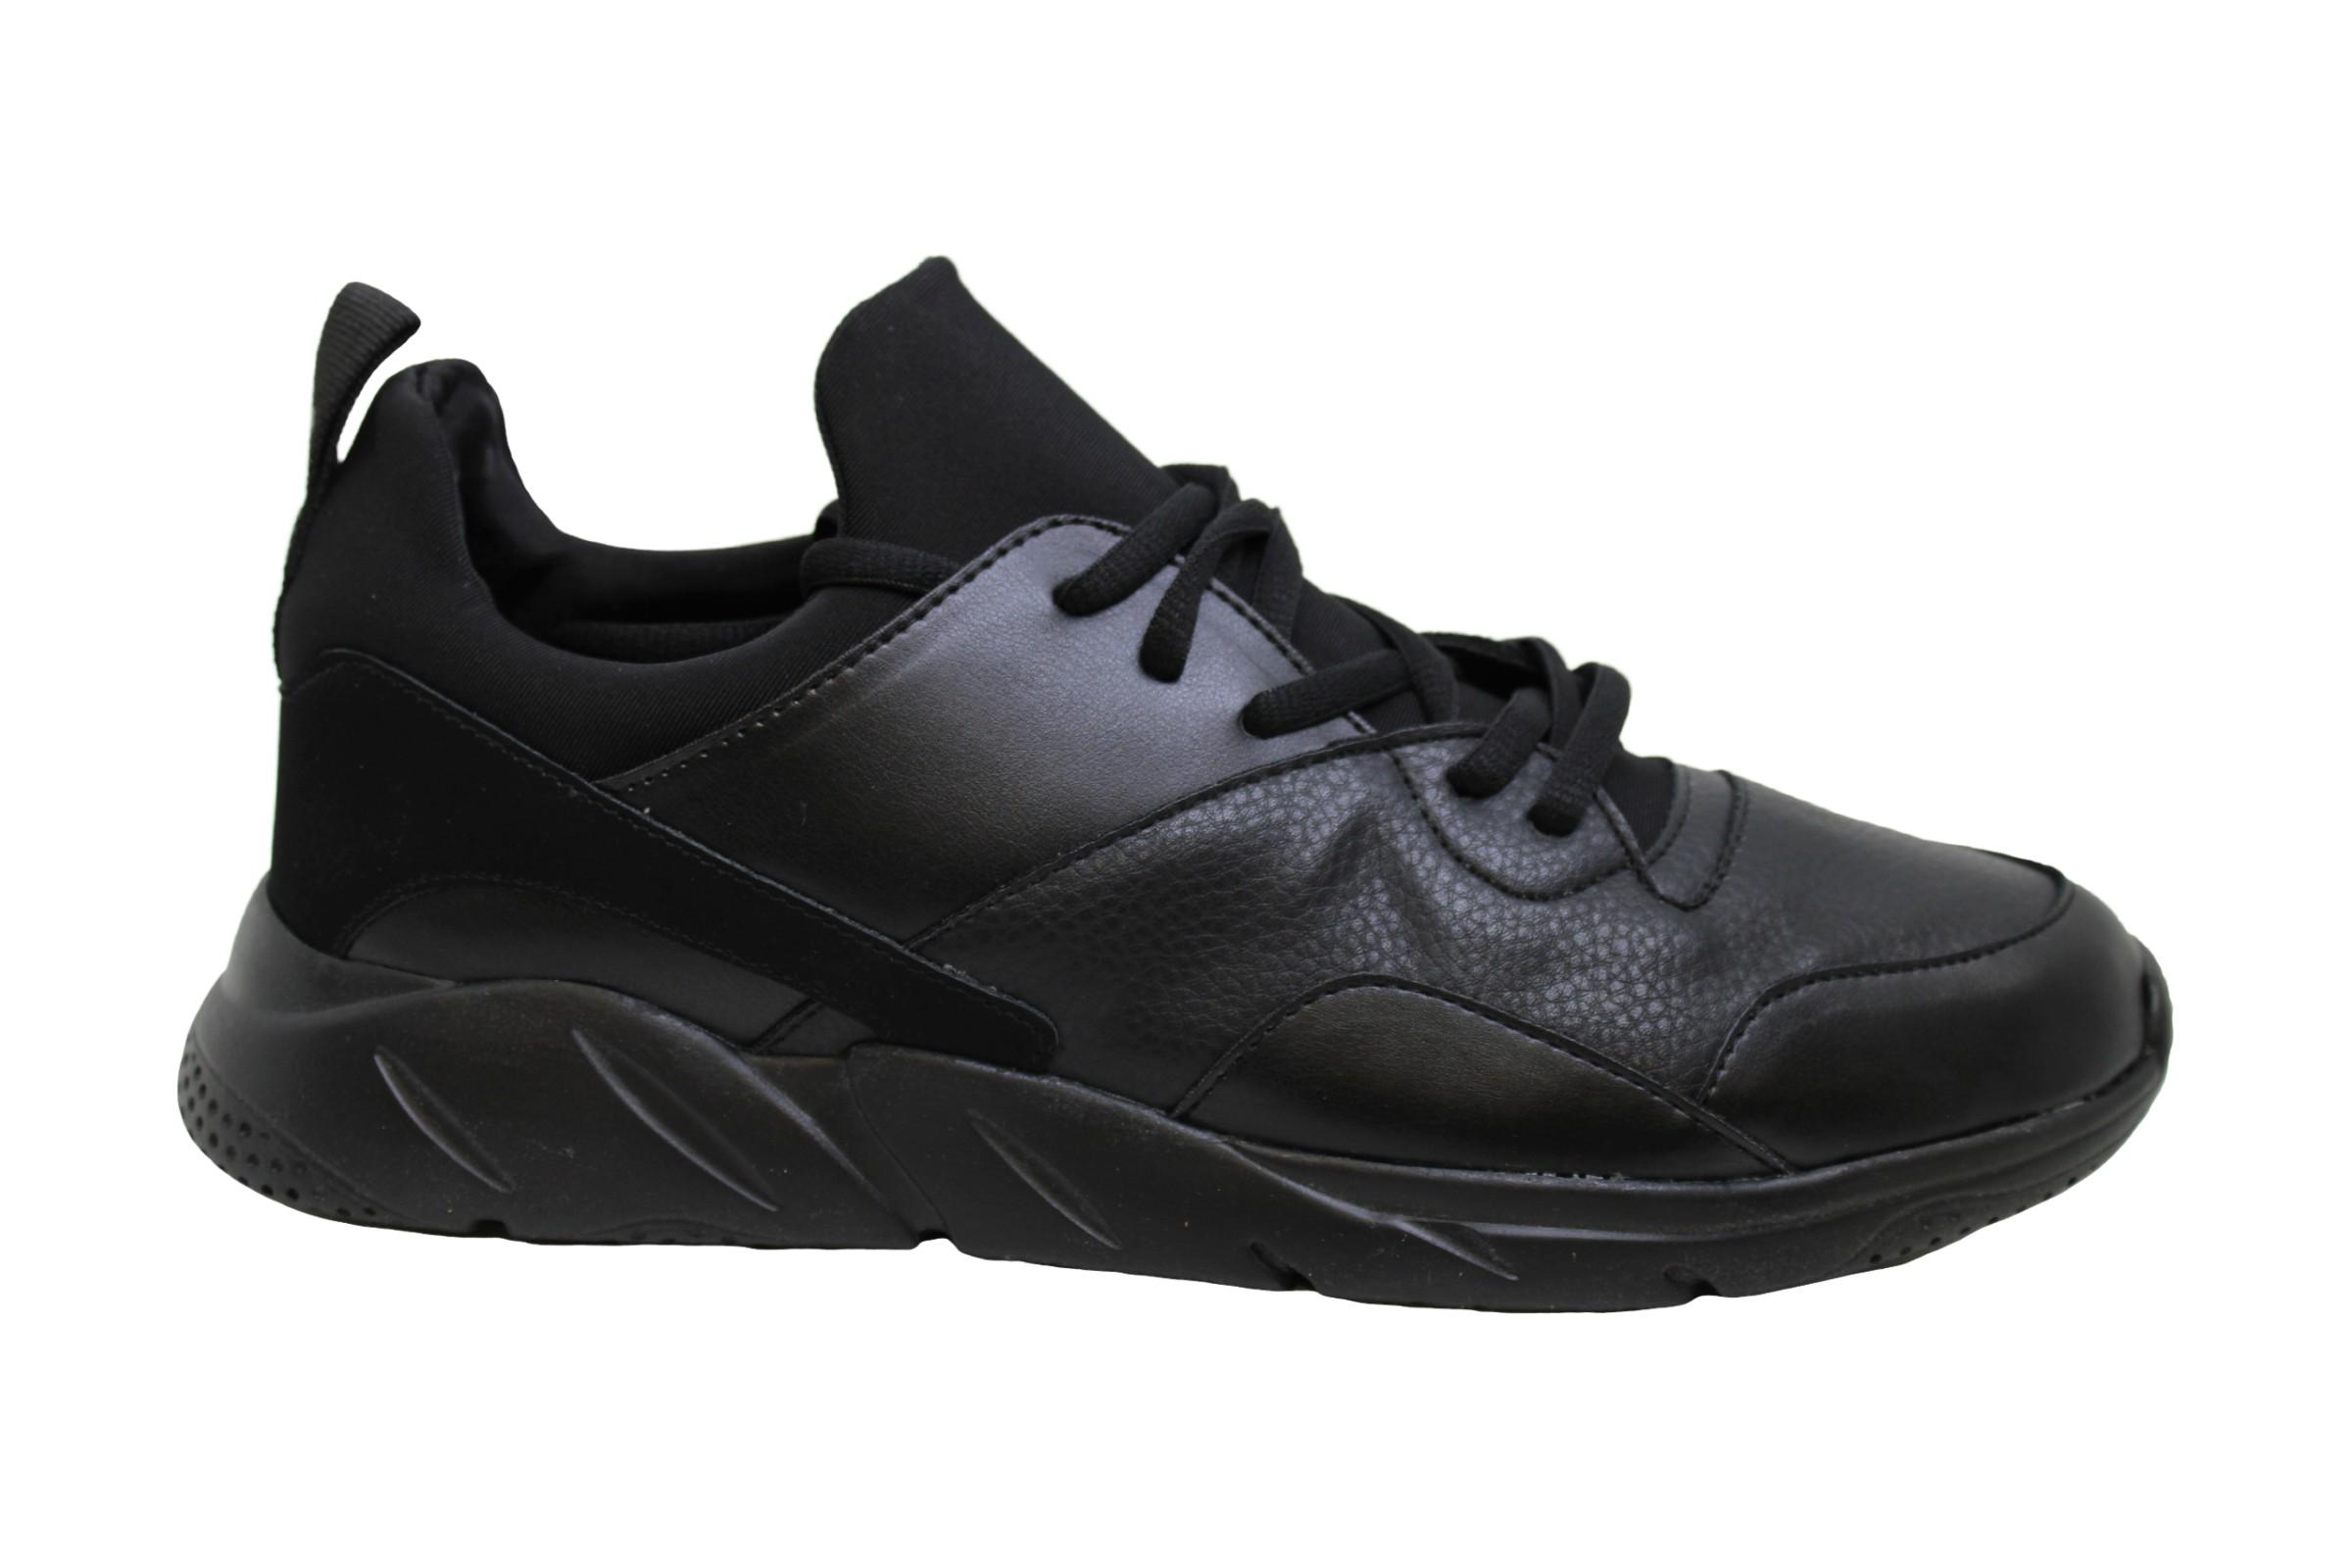 L-039-ideologie-Femme-jonaas-Low-Top-Lacets-Running-Baskets